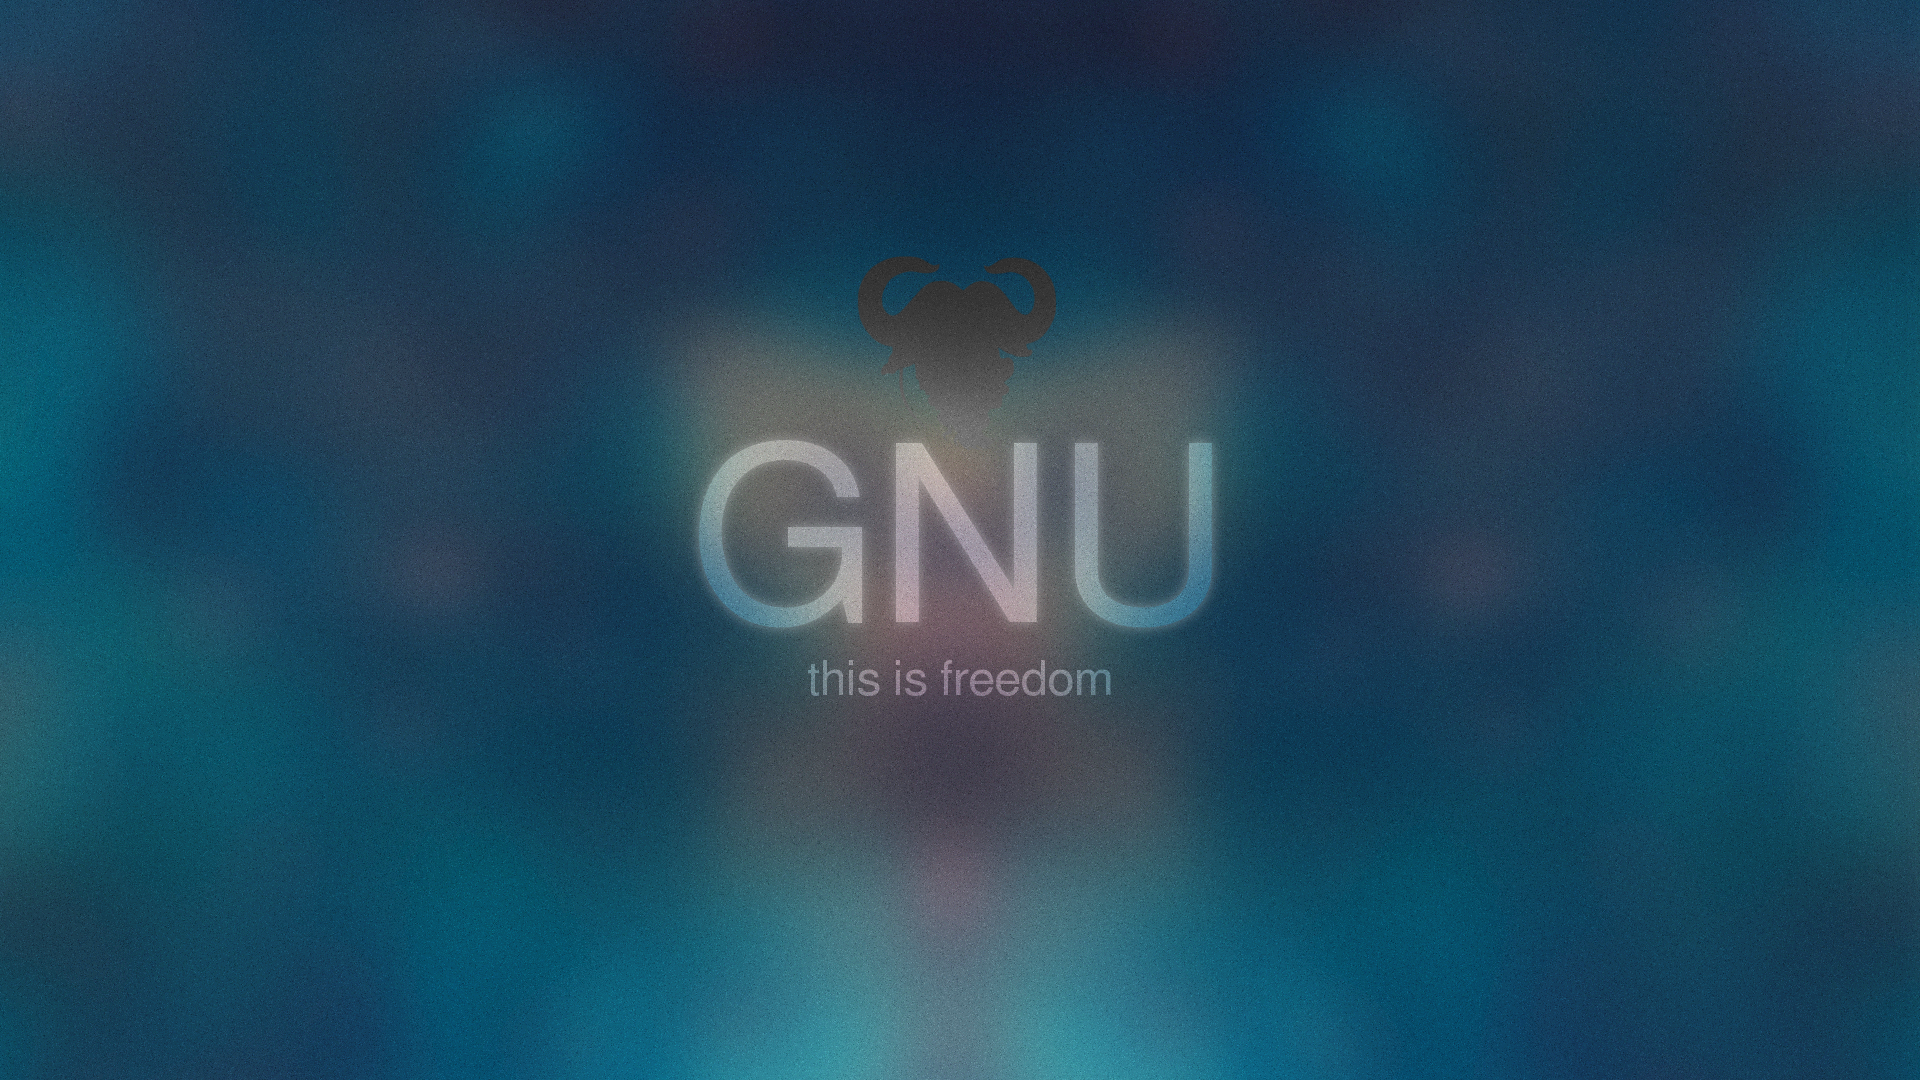 フリーソフトウェア財団 - GNUの壁紙 - 1920x1080 - WallpaperTip